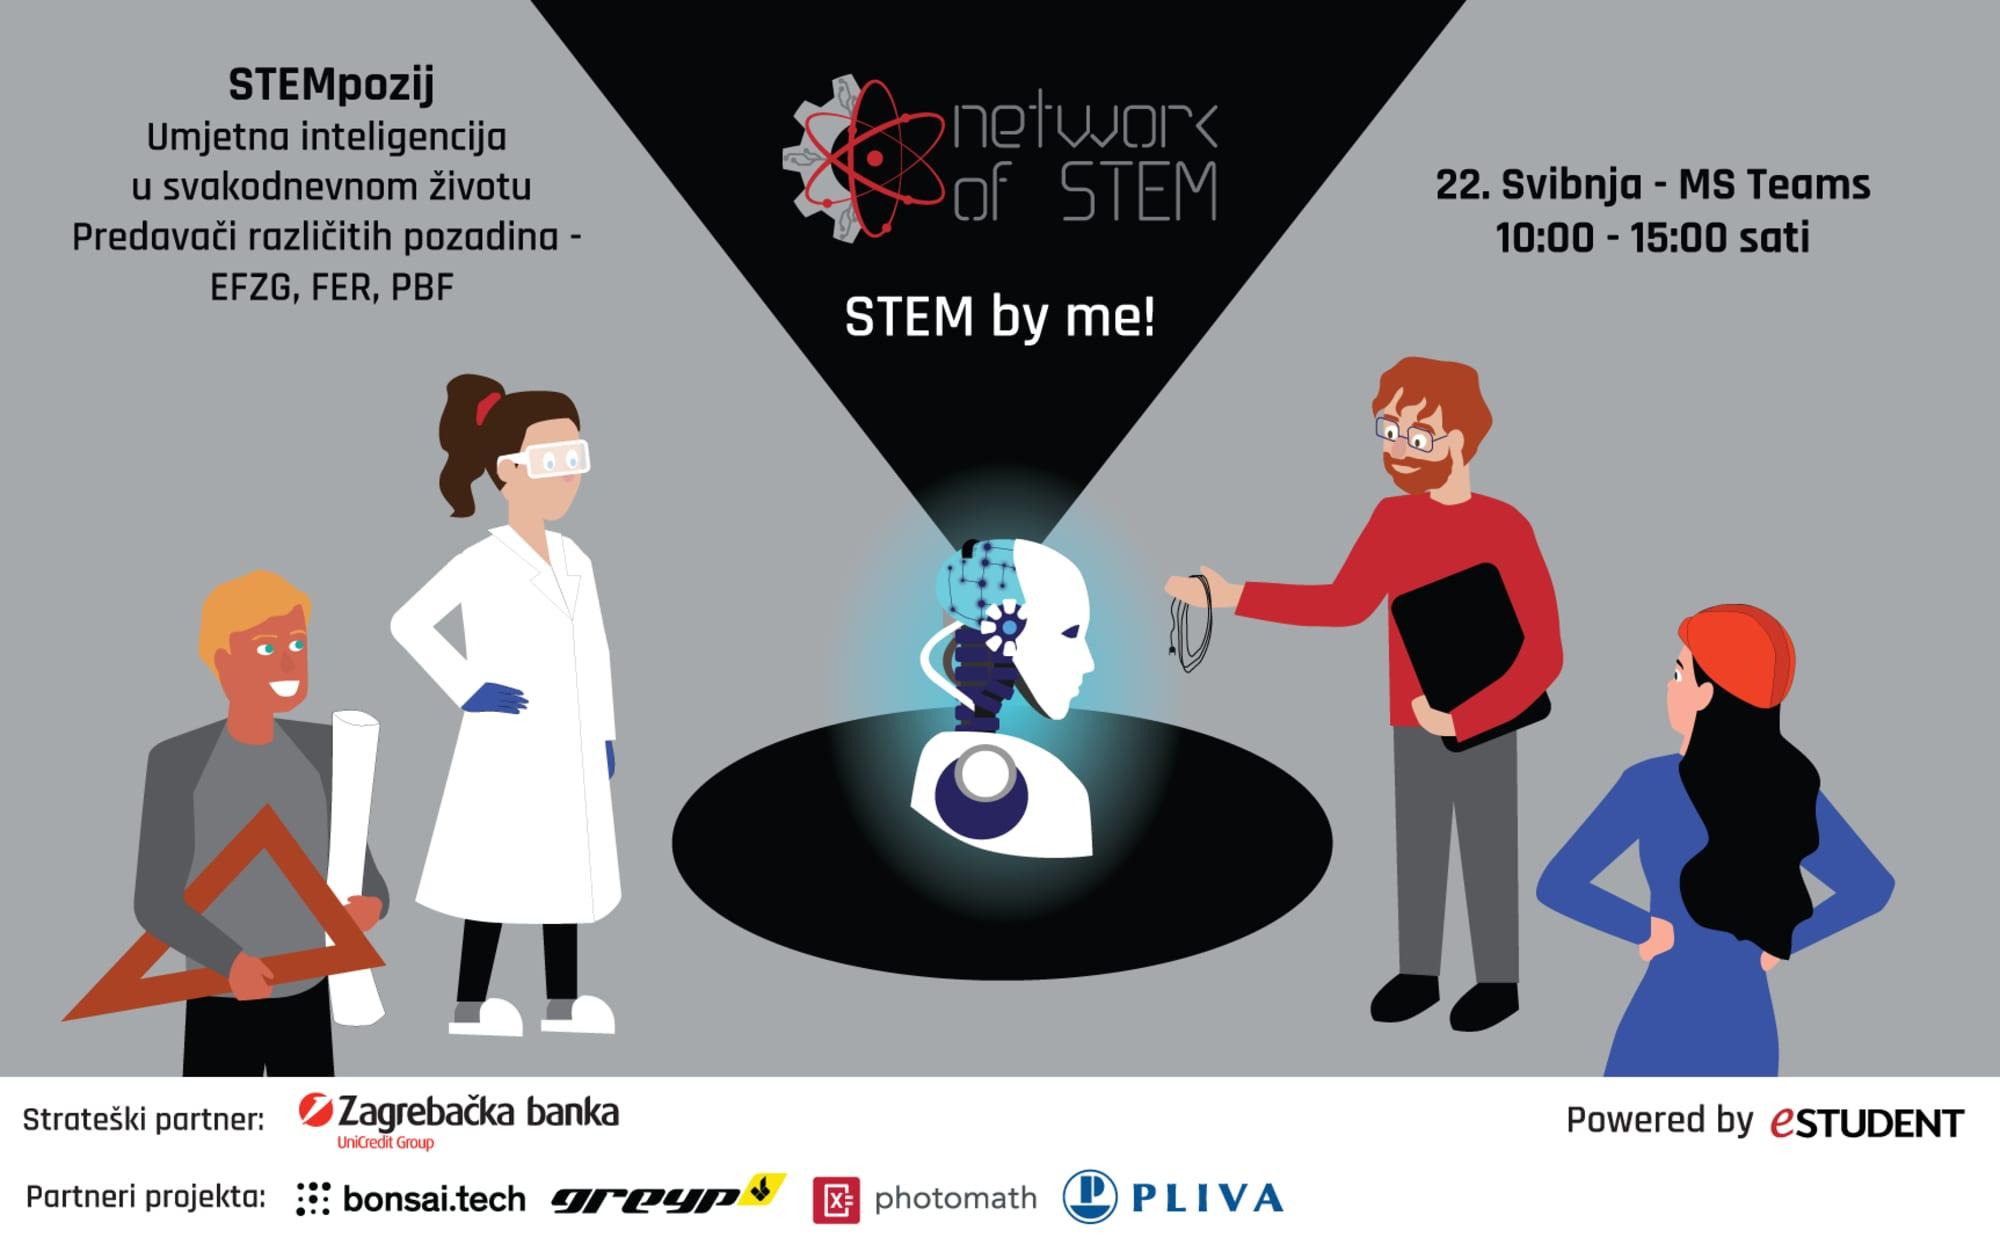 STEMpozij: umjetna inteligencija i njena zastupljenost u svakodnevnom životu